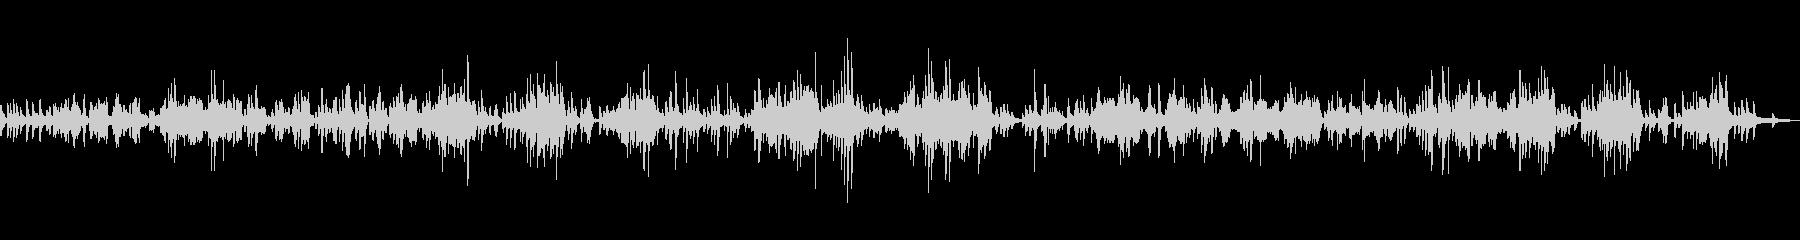 モーツァルトピアノソナタK333第2楽章の未再生の波形